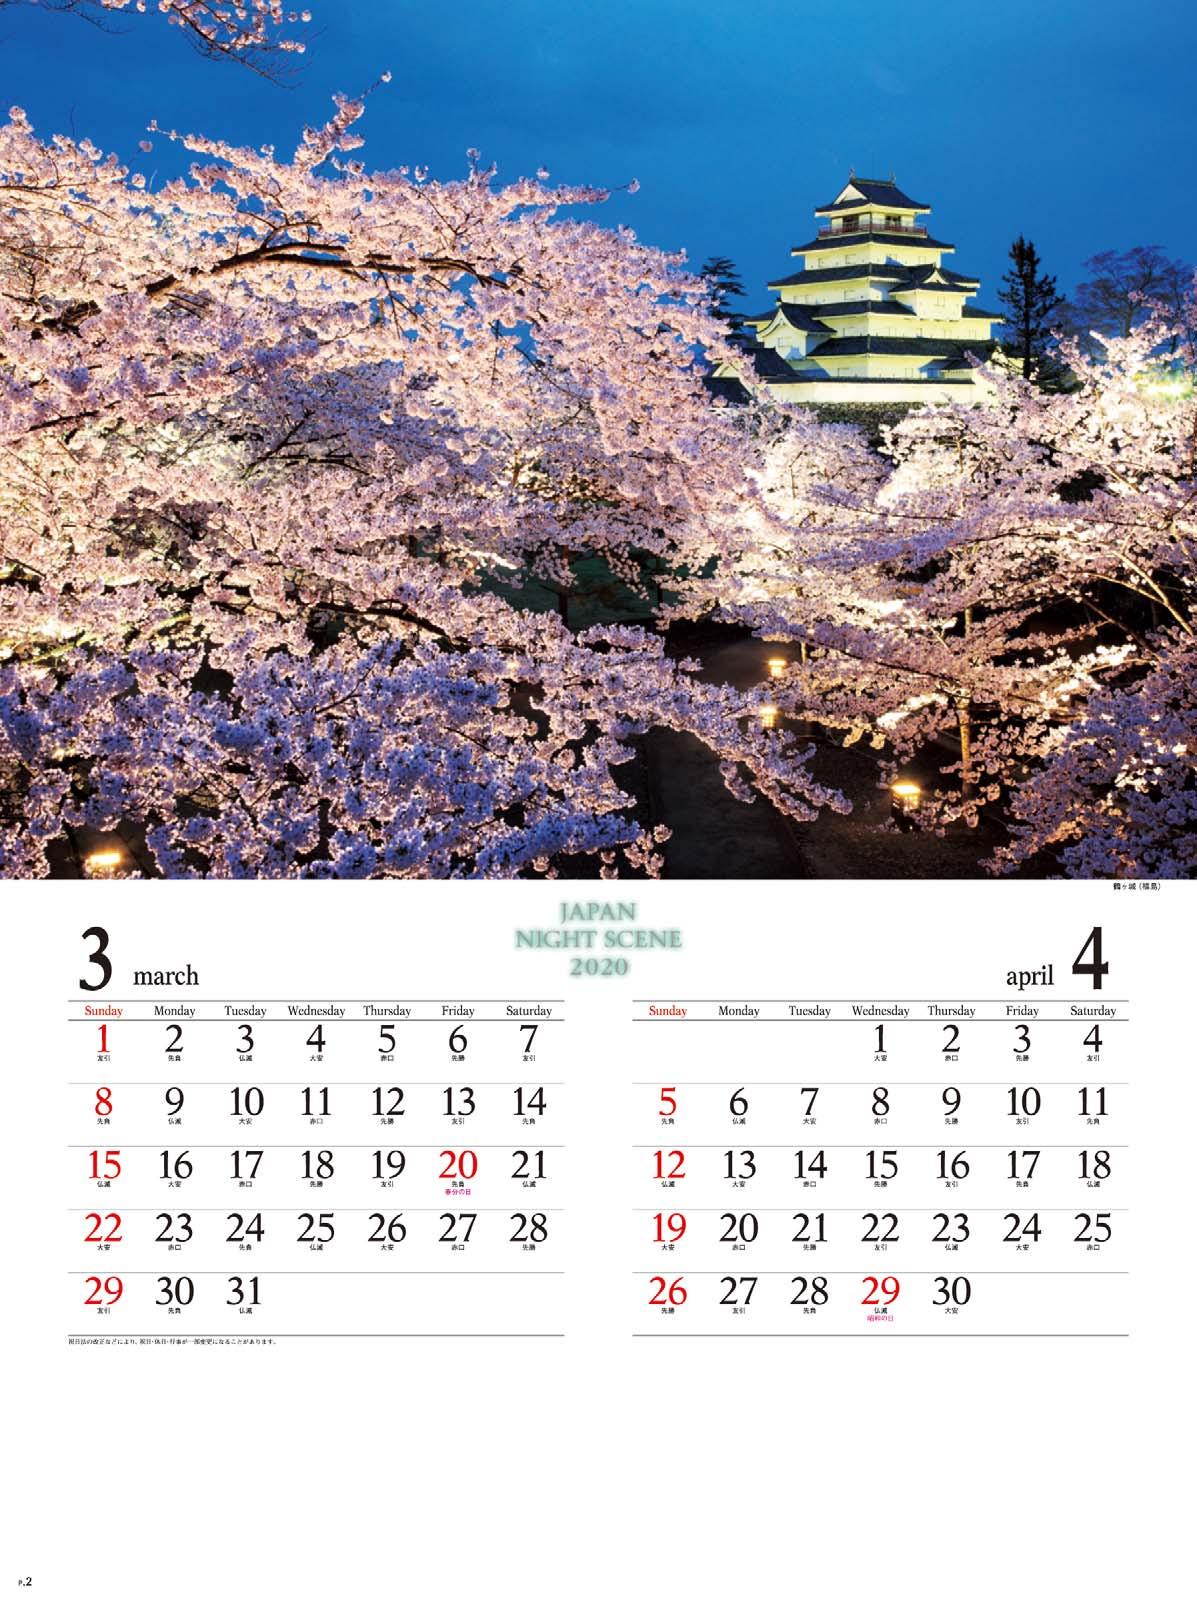 画像:鶴ヶ城(福島) ジャパンナイトシーン 日本の夜景 2020年カレンダー